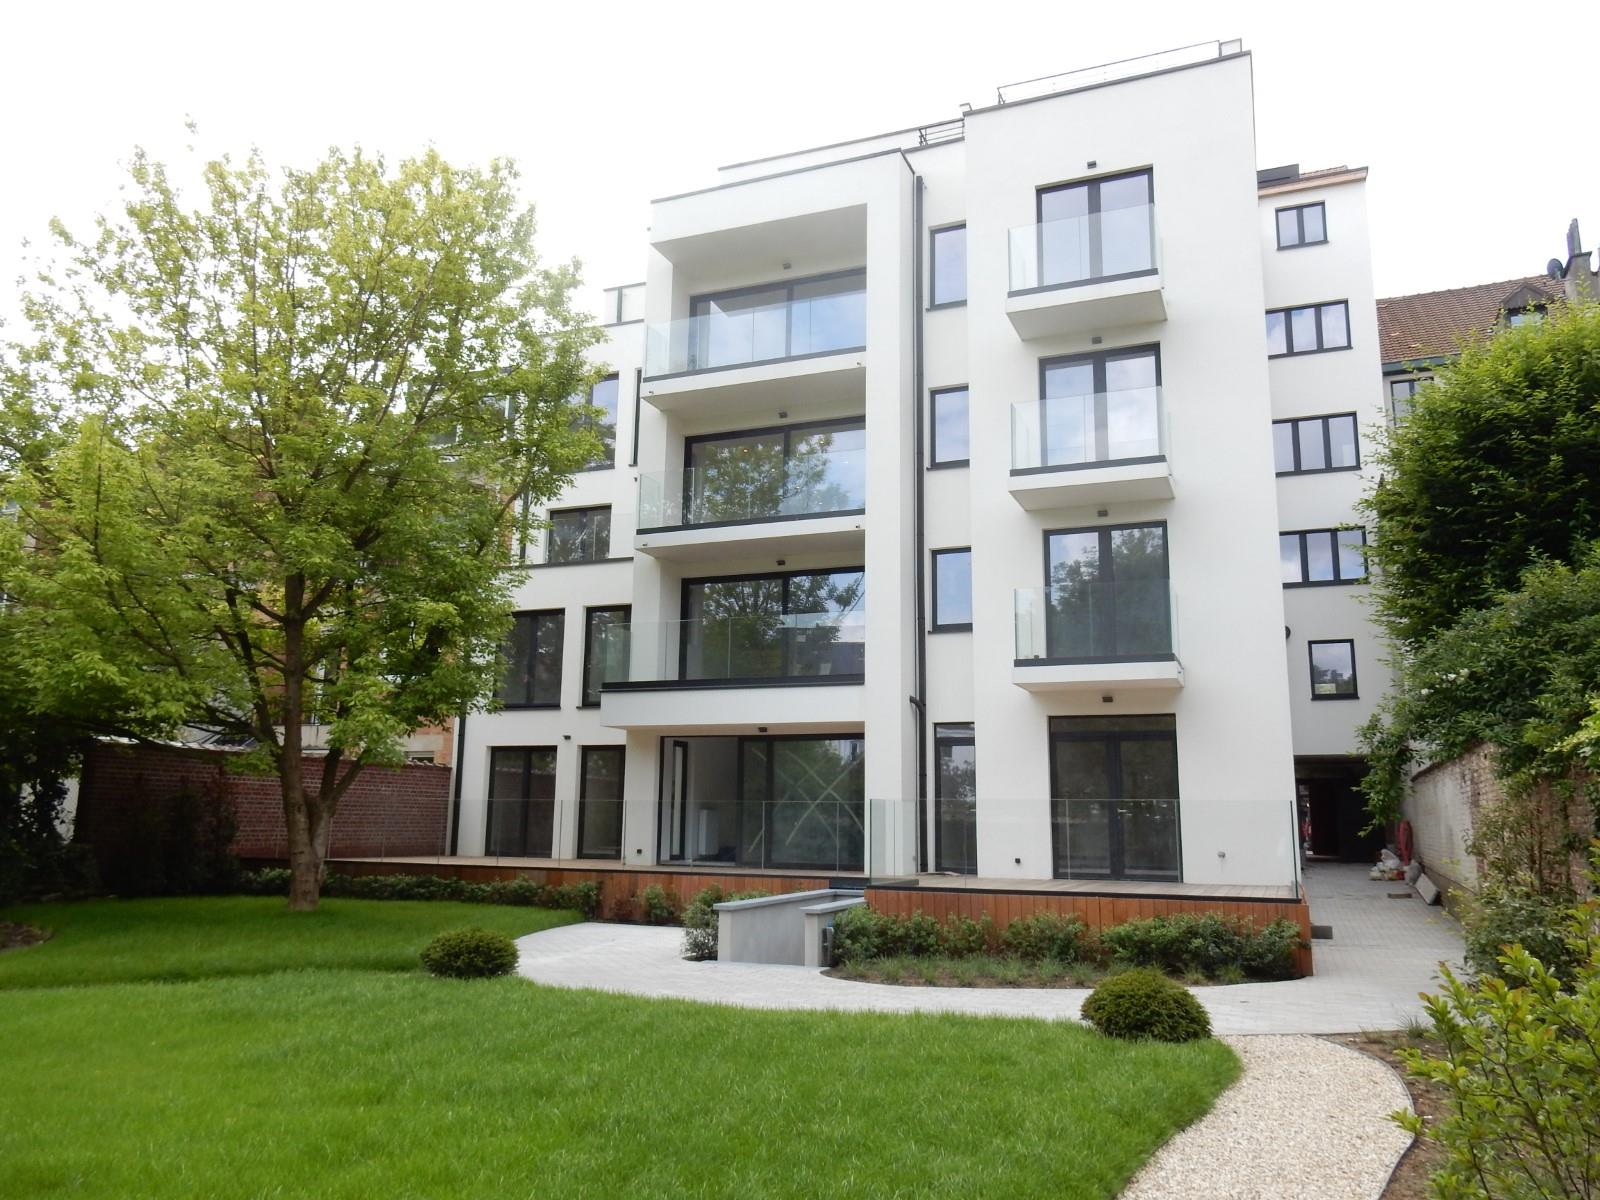 Appartement exceptionnel - Ixelles - #3929618-18